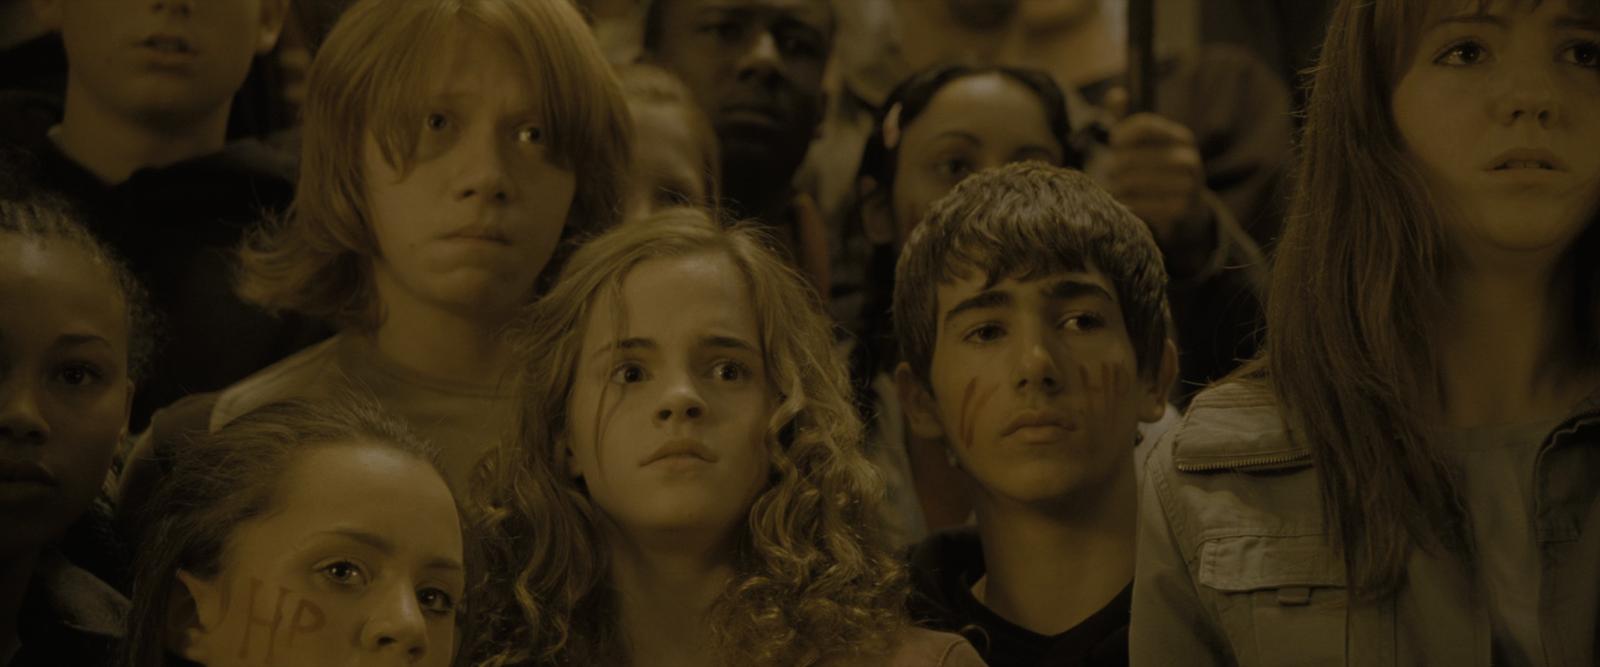 Harry Potter y el Cáliz de Fuego (2005) 4K UHD [HDR] Latino - Castellano - Ingles captura 4